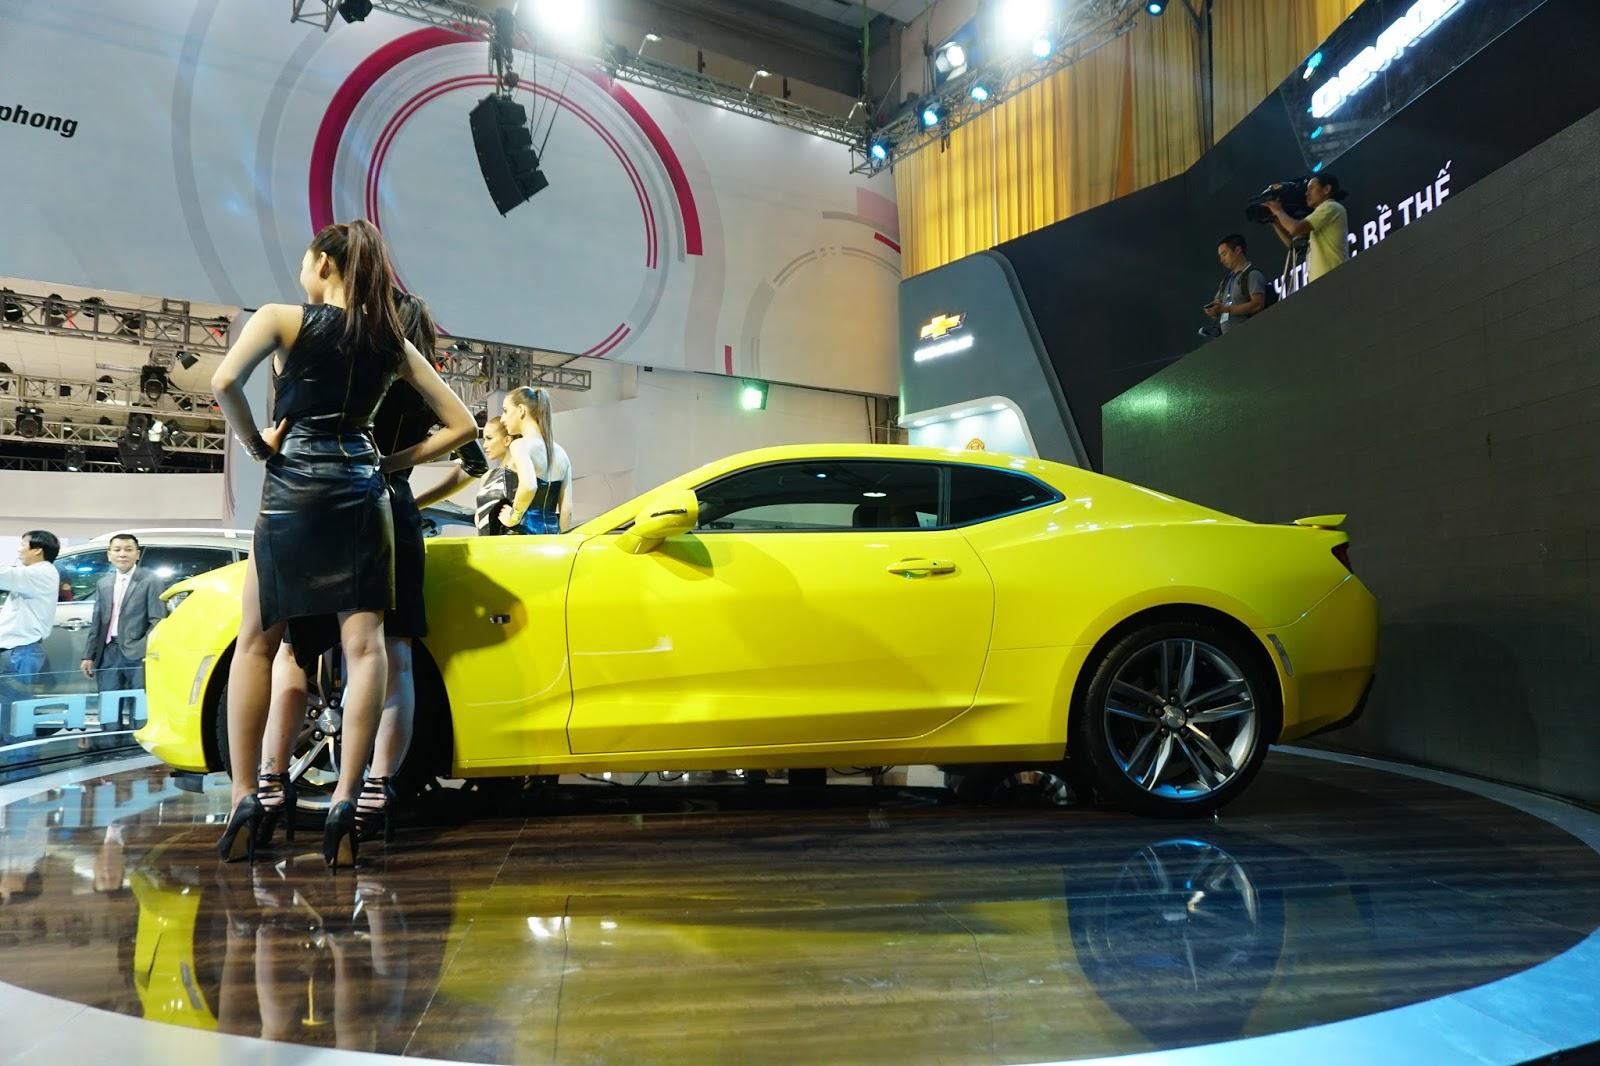 Xe có màu vàng cực nổi và dáng ngoài cực khỏe khoắn